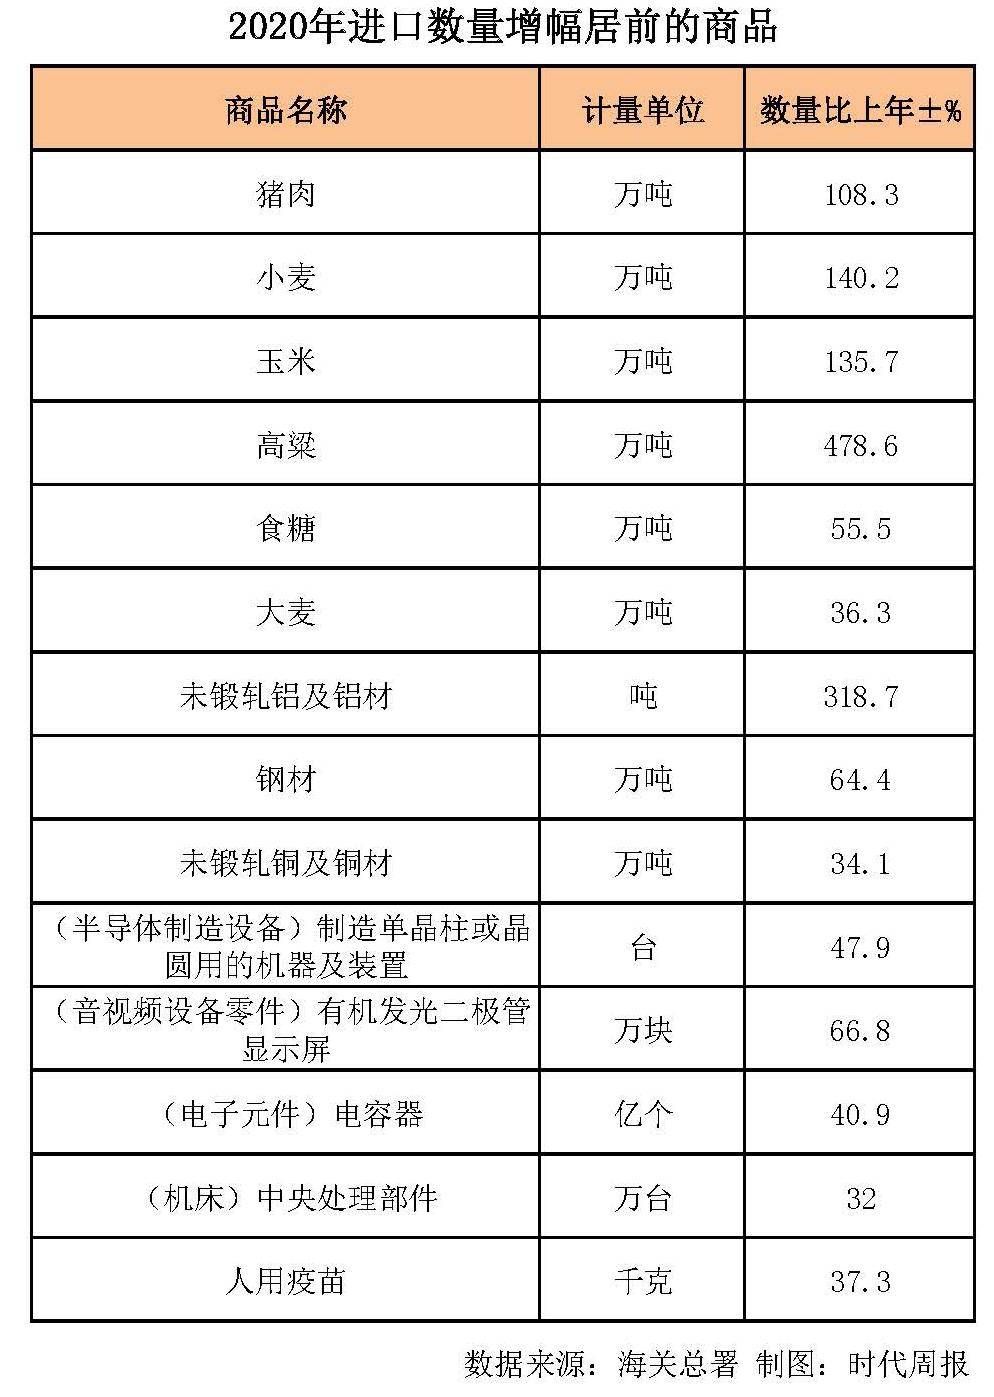 一季度外贸成绩单公布,科技产品、粮食、肉类等进口需求大增 